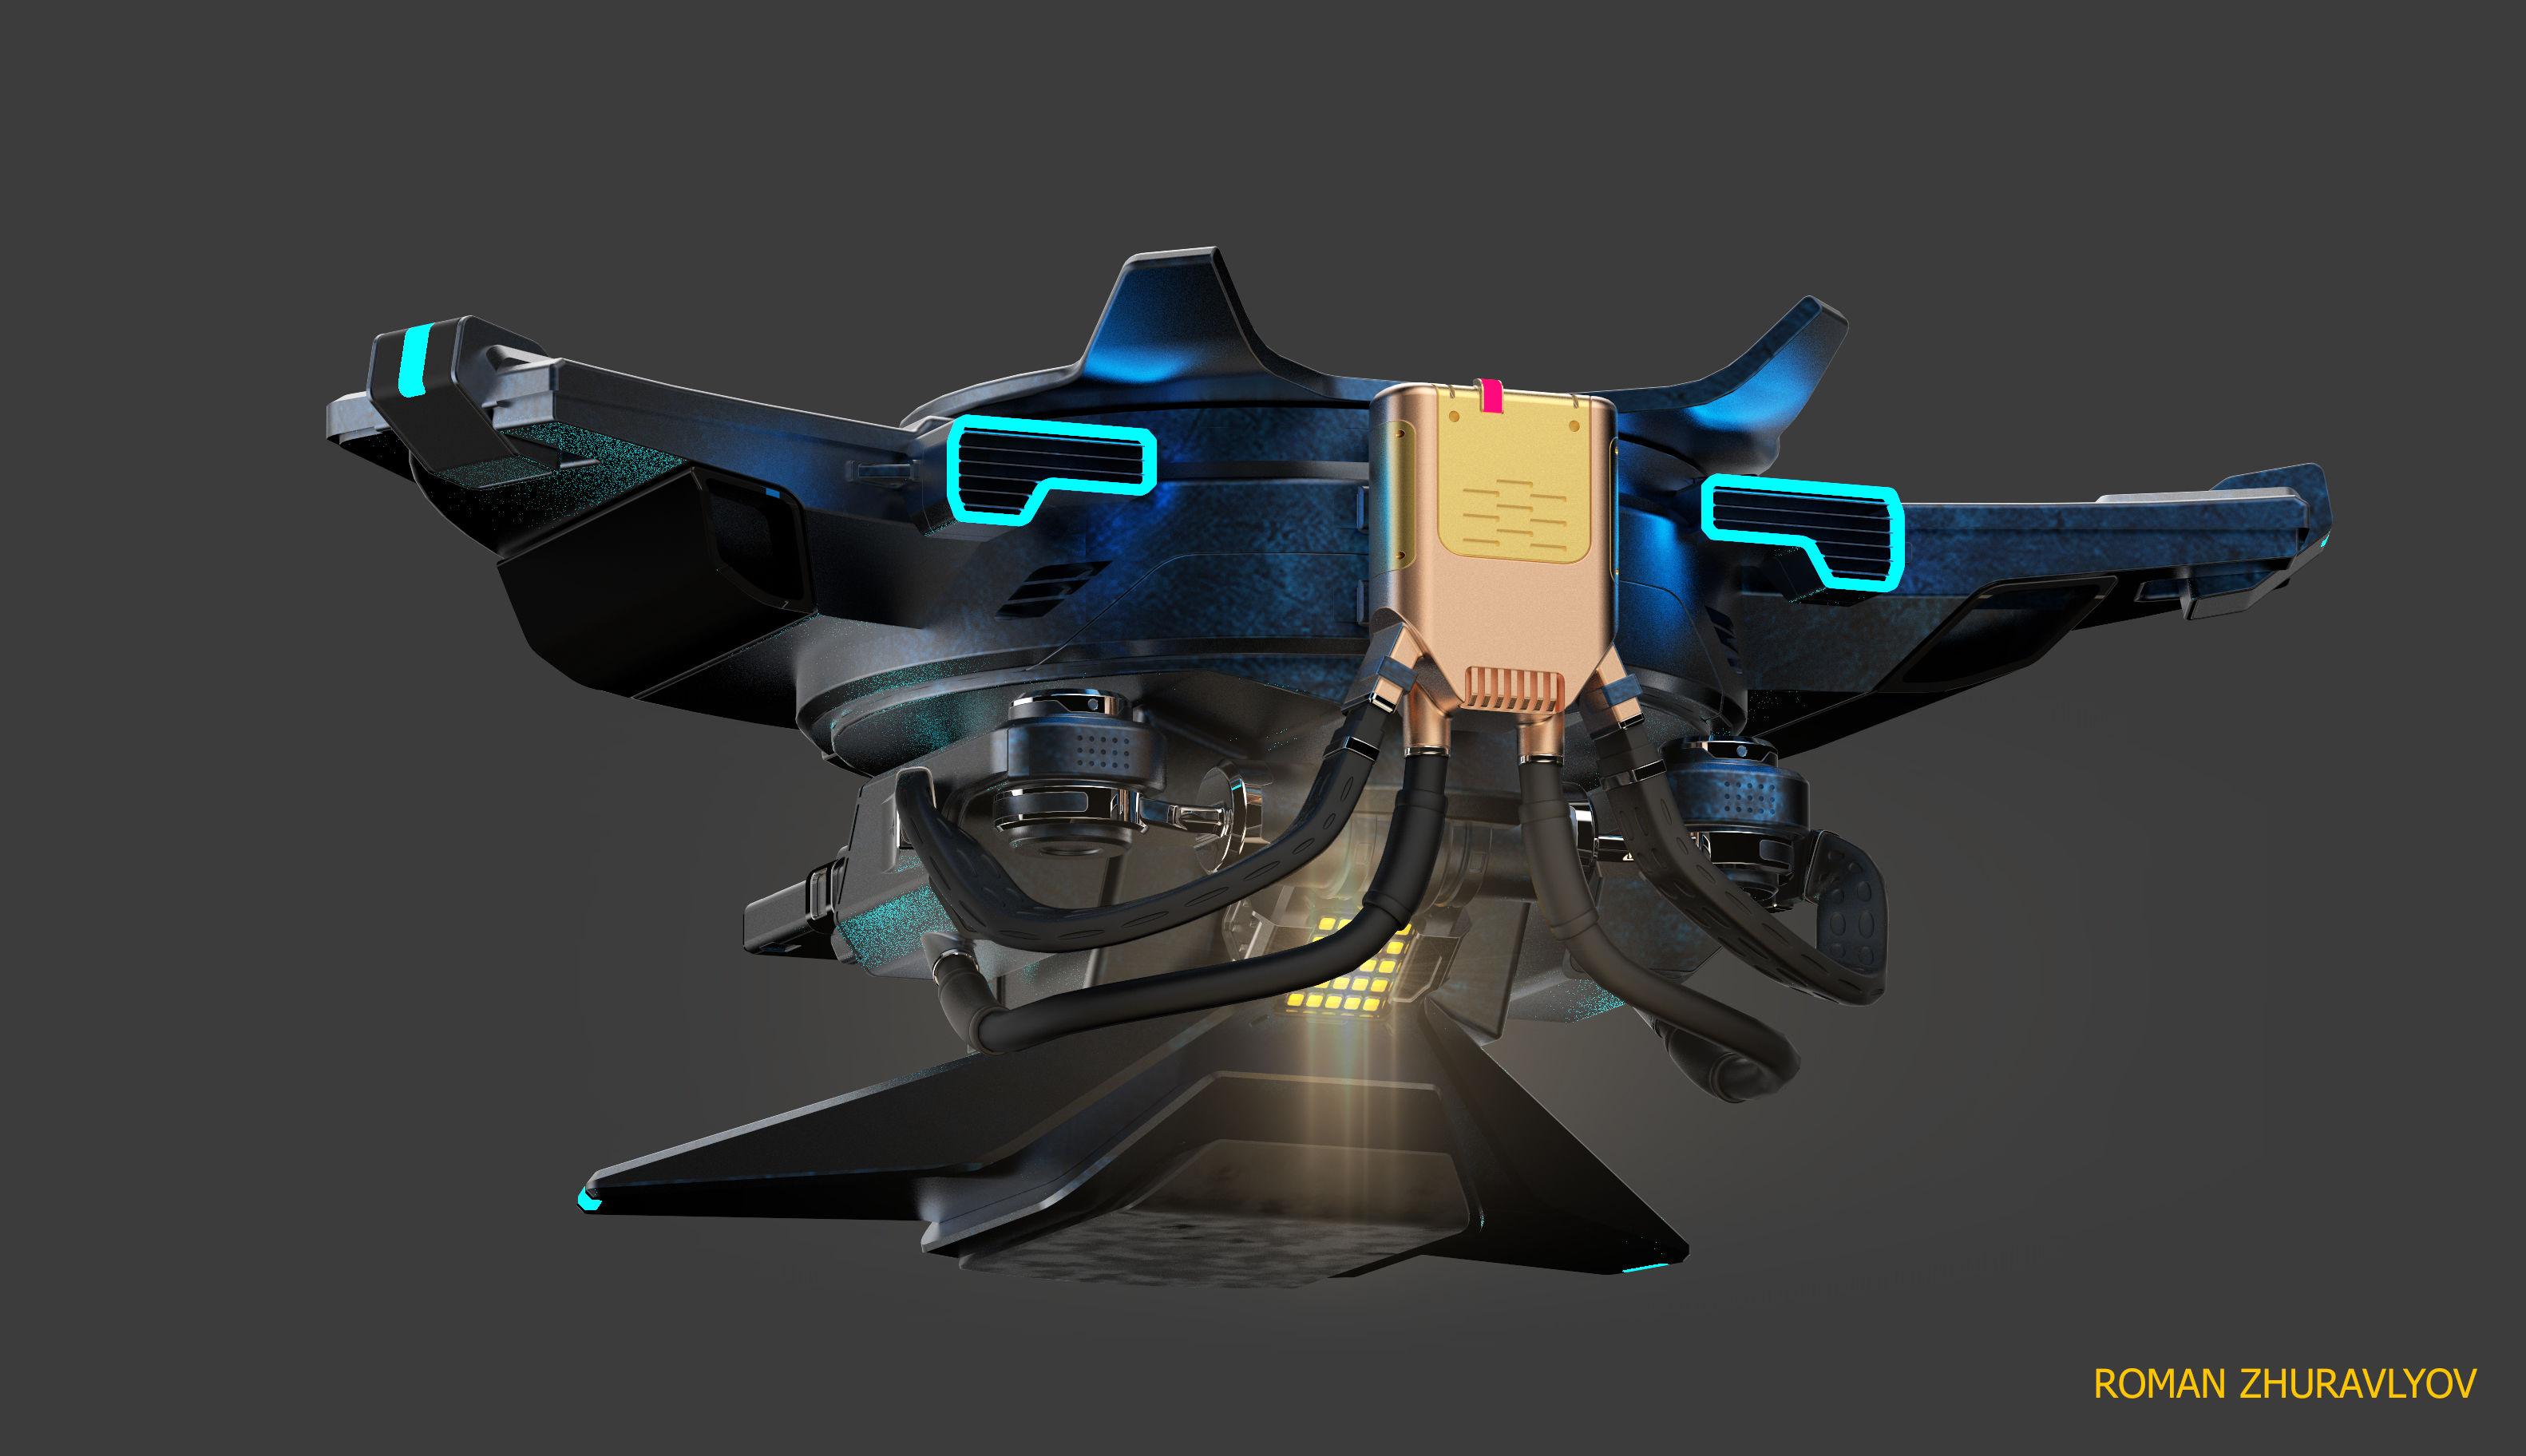 Dron-3-3500-3500